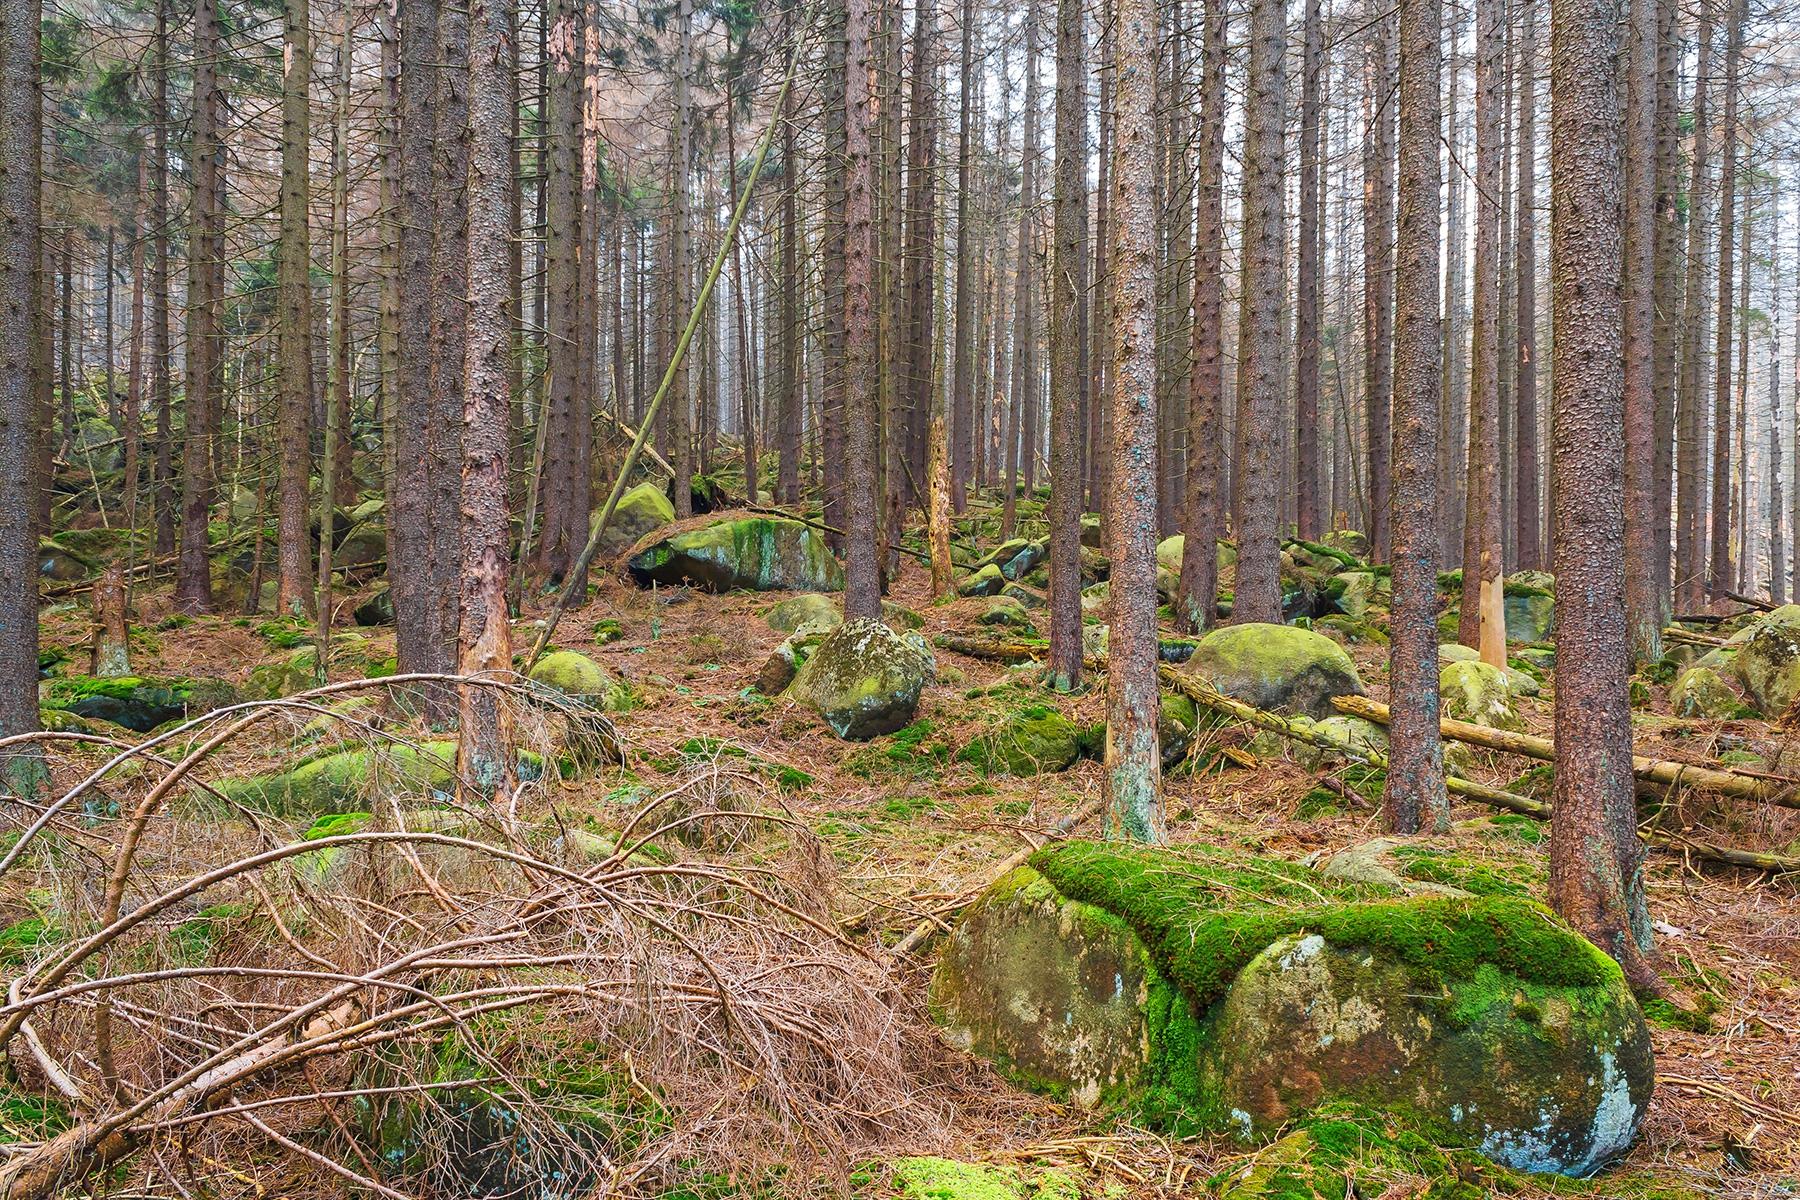 Granitfelsen im abgestorbenen Fichtenwald im unteren Abschnitt des Schneelochwegs